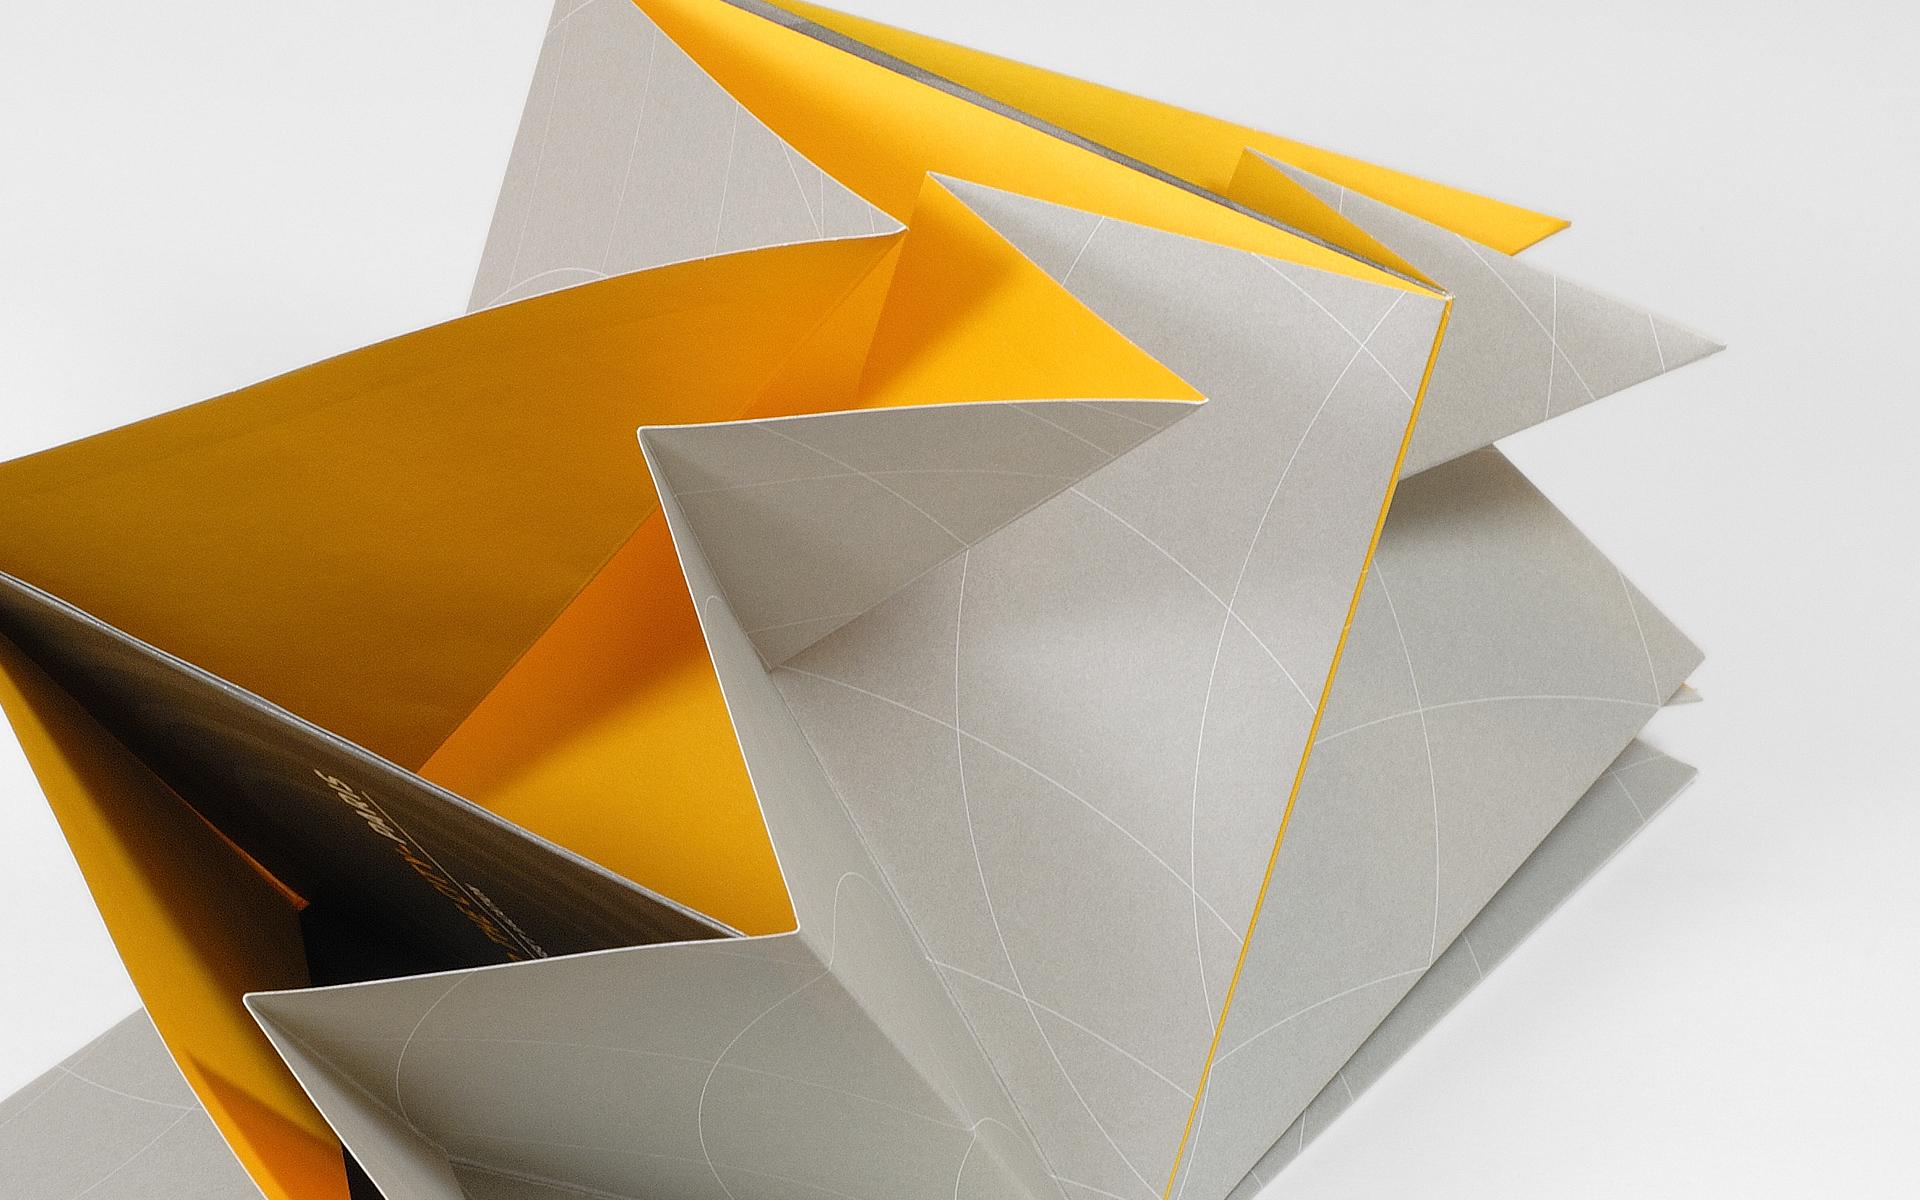 Ovation_Fold_Detail_02